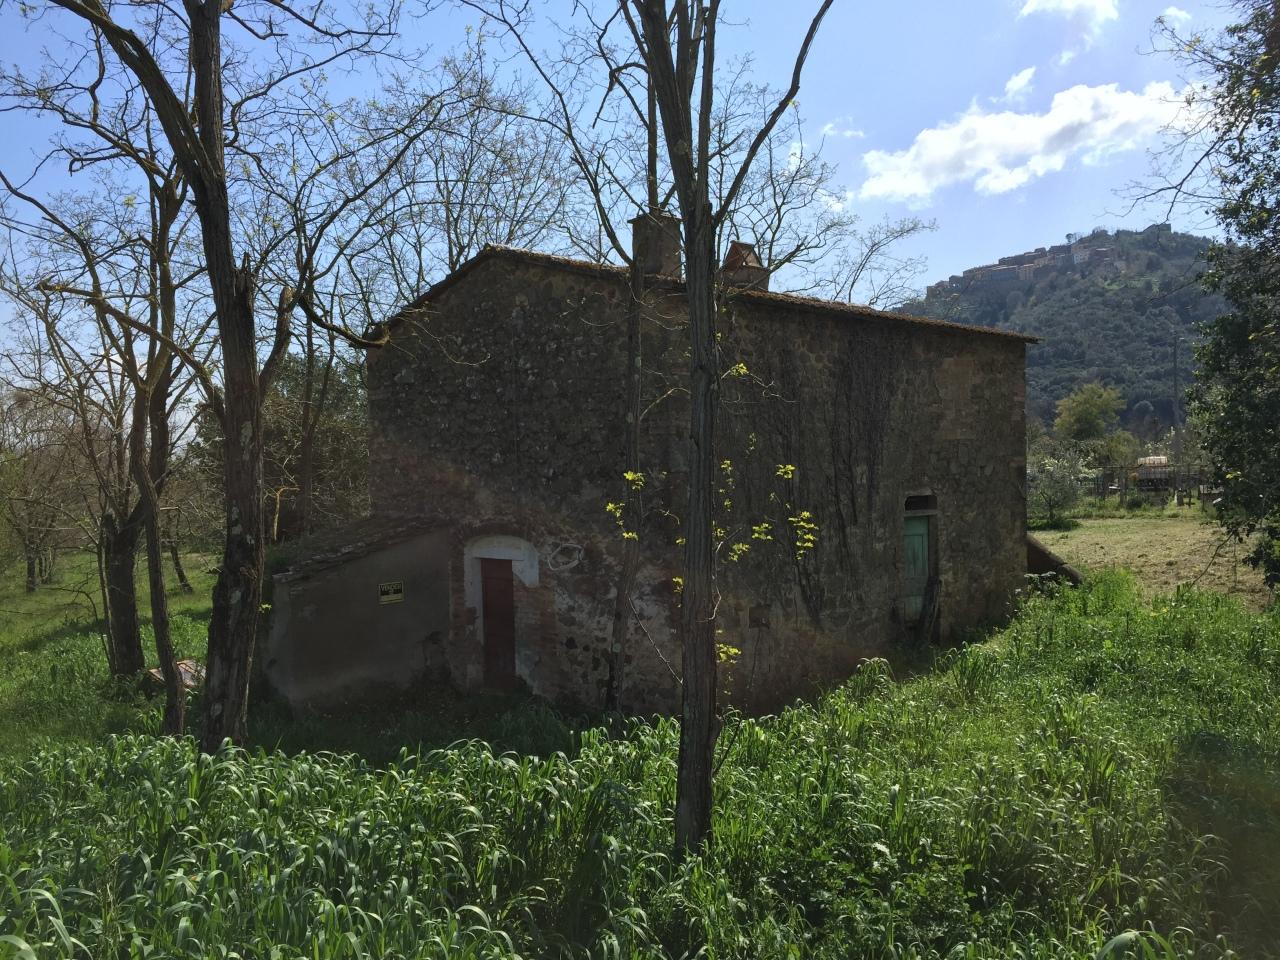 Rustico / Casale in vendita a Castiglione della Pescaia, 4 locali, prezzo € 120.000   Cambio Casa.it